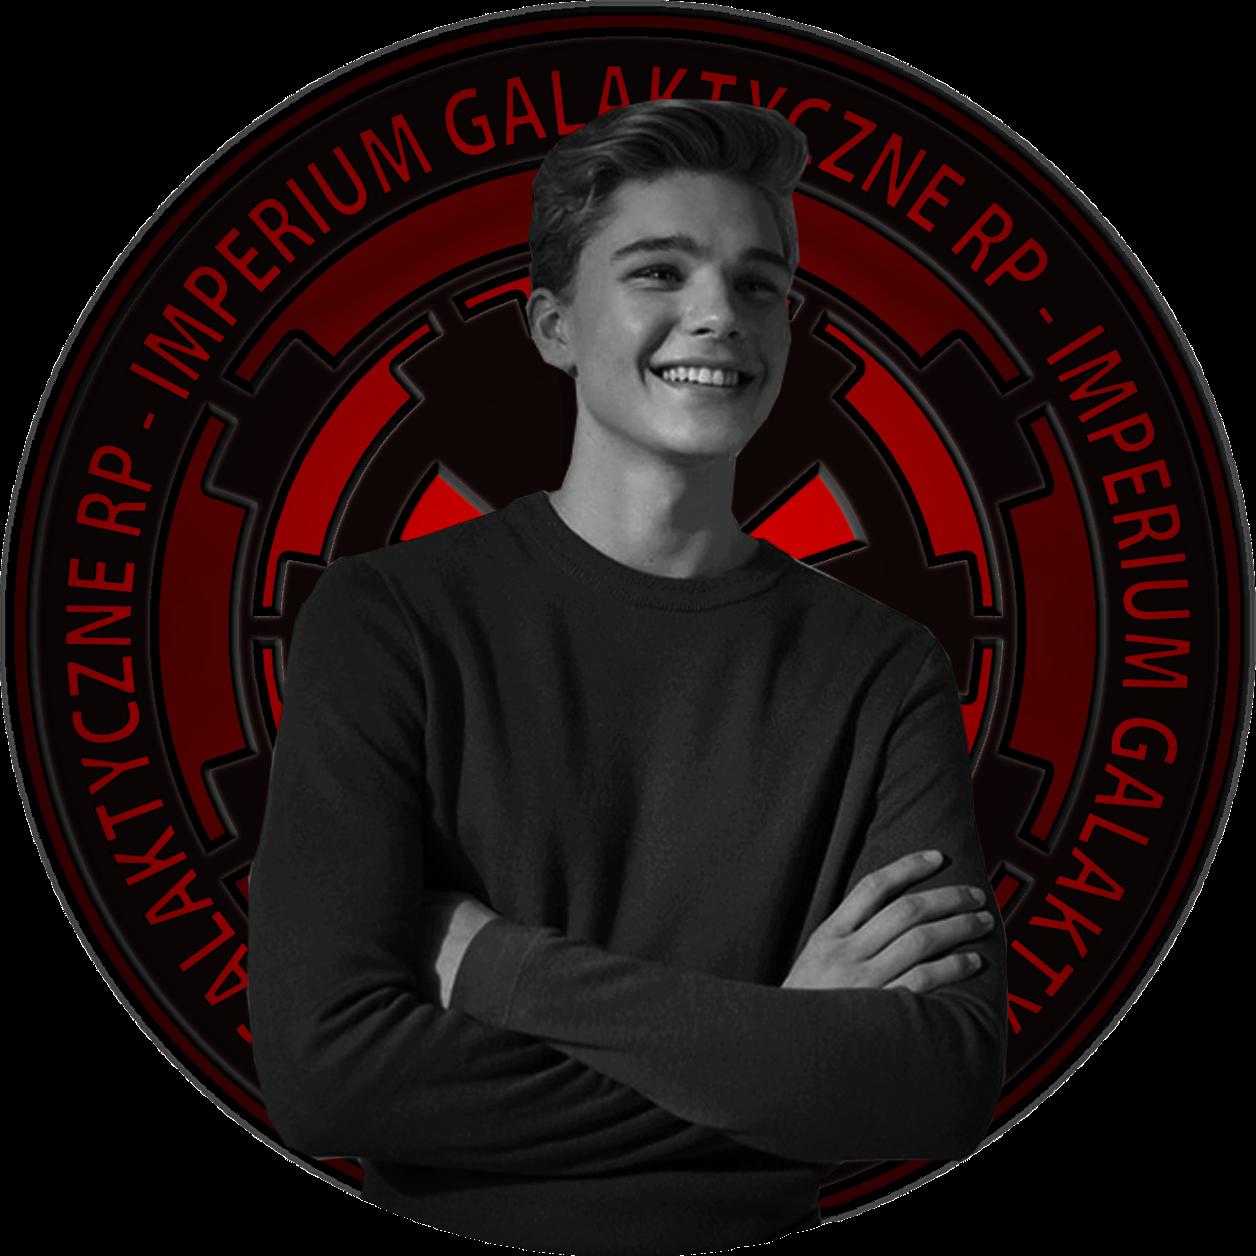 Igrp logotyp karek (1)